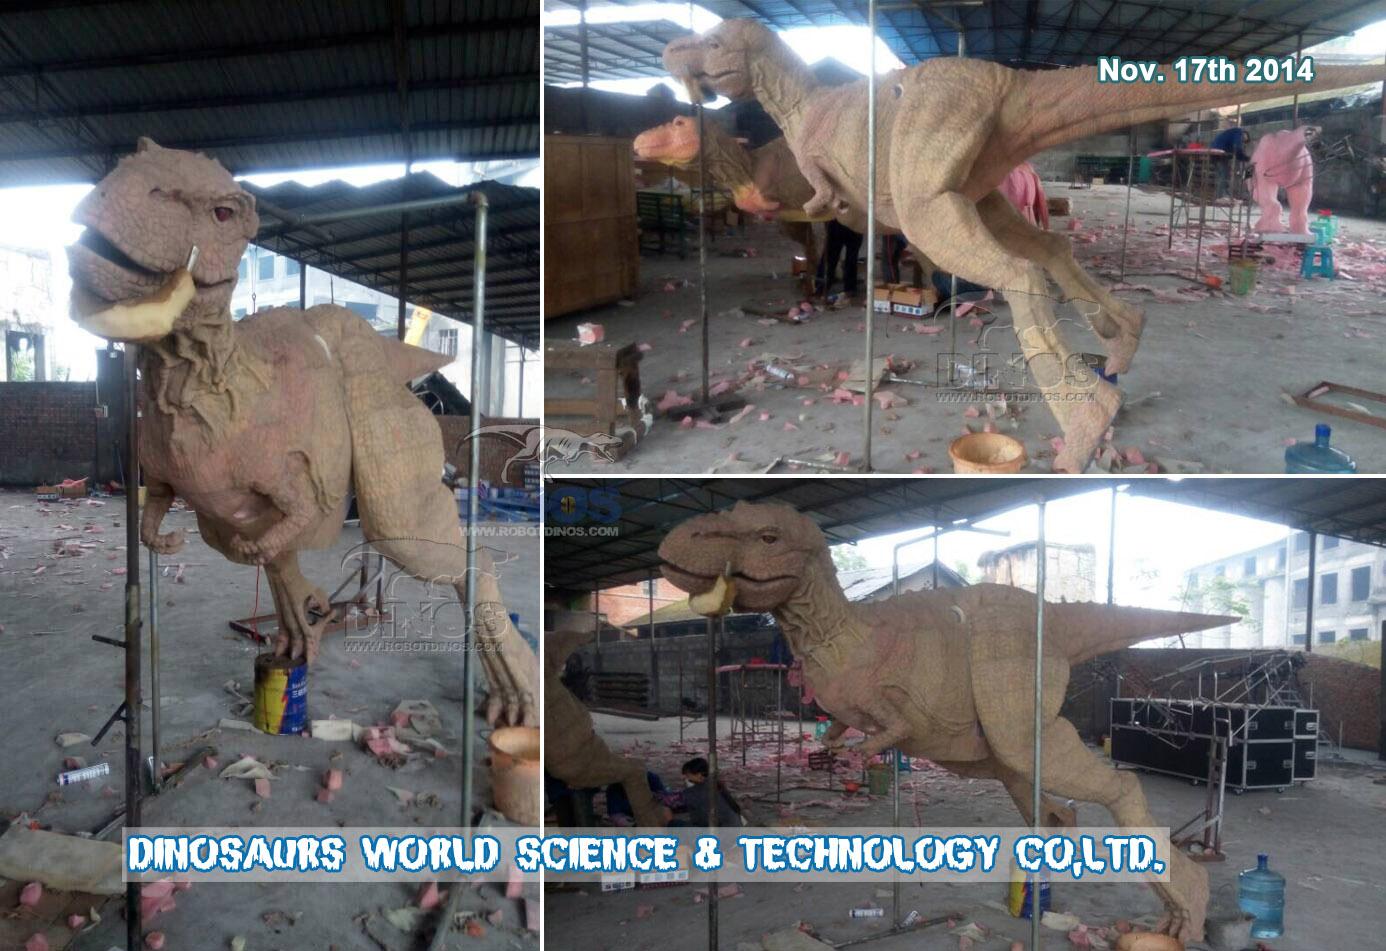 Postupak izrade kože od silicijeve gume za T-Rex odijelo za dinosaure